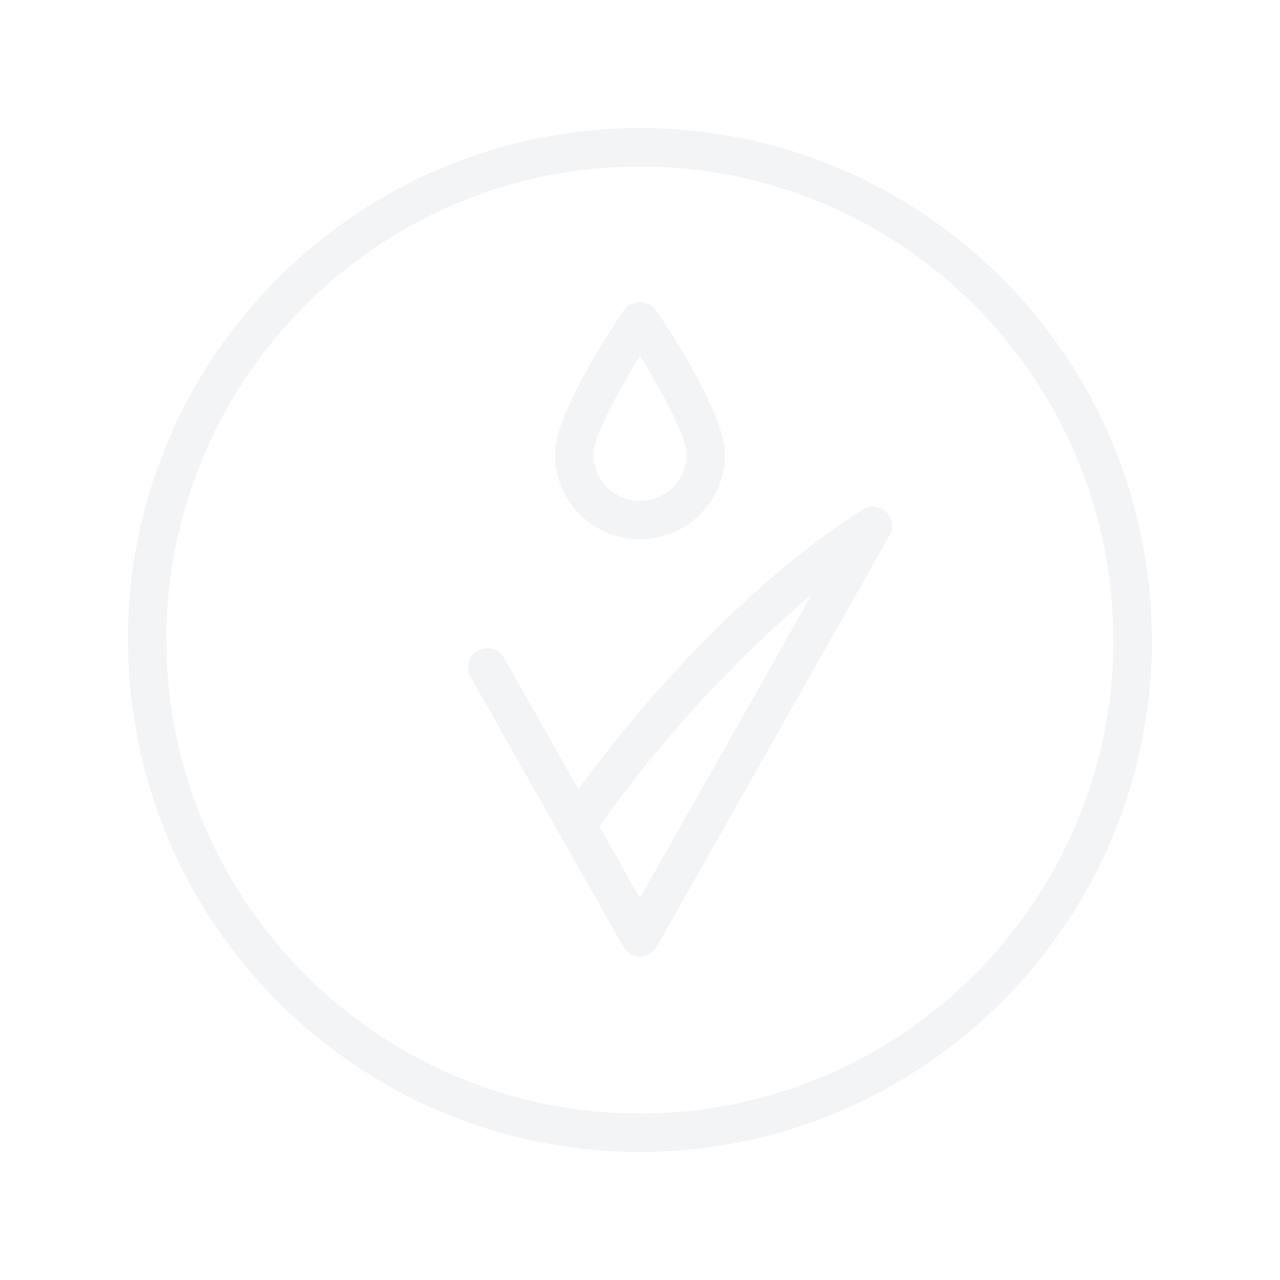 ALESSANDRO Nail Polish No.928 My Laury 5ml